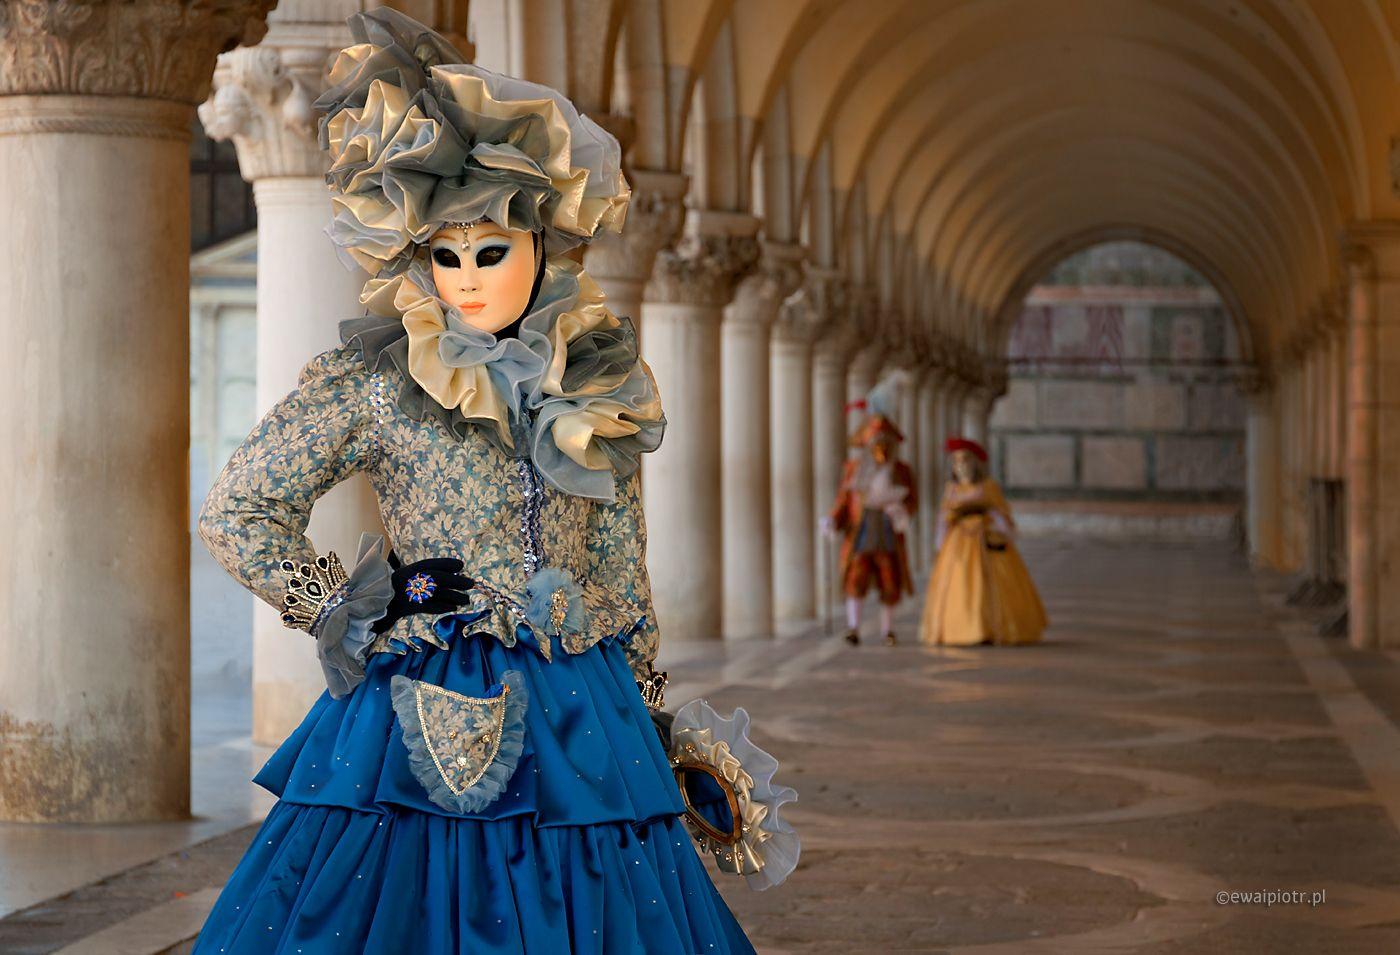 Karnawał w Wenecji, fotowyprawa, warsztaty fotograficzne